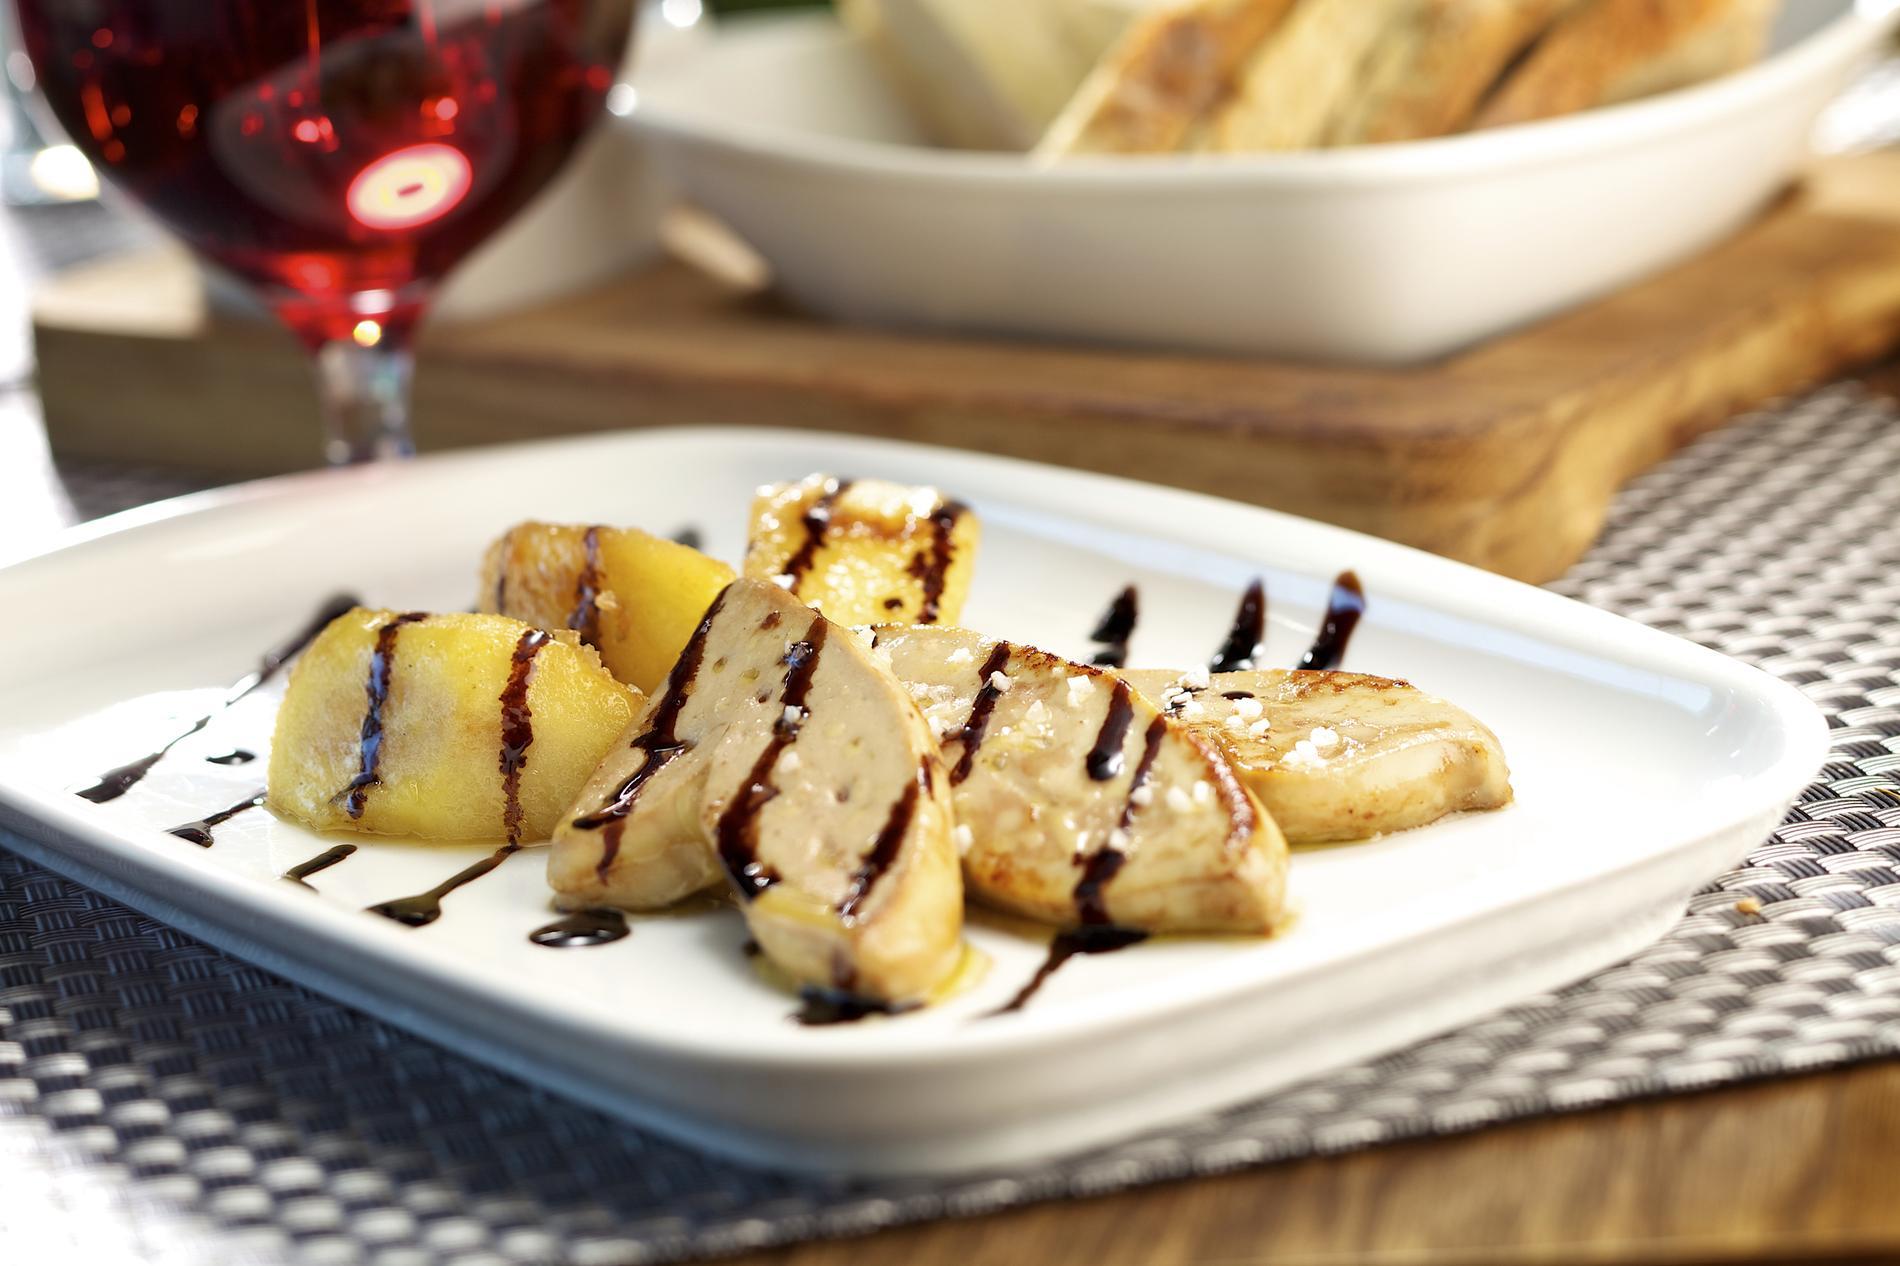 recette foie gras po l aux pommes caram lis es cuisine madame figaro. Black Bedroom Furniture Sets. Home Design Ideas